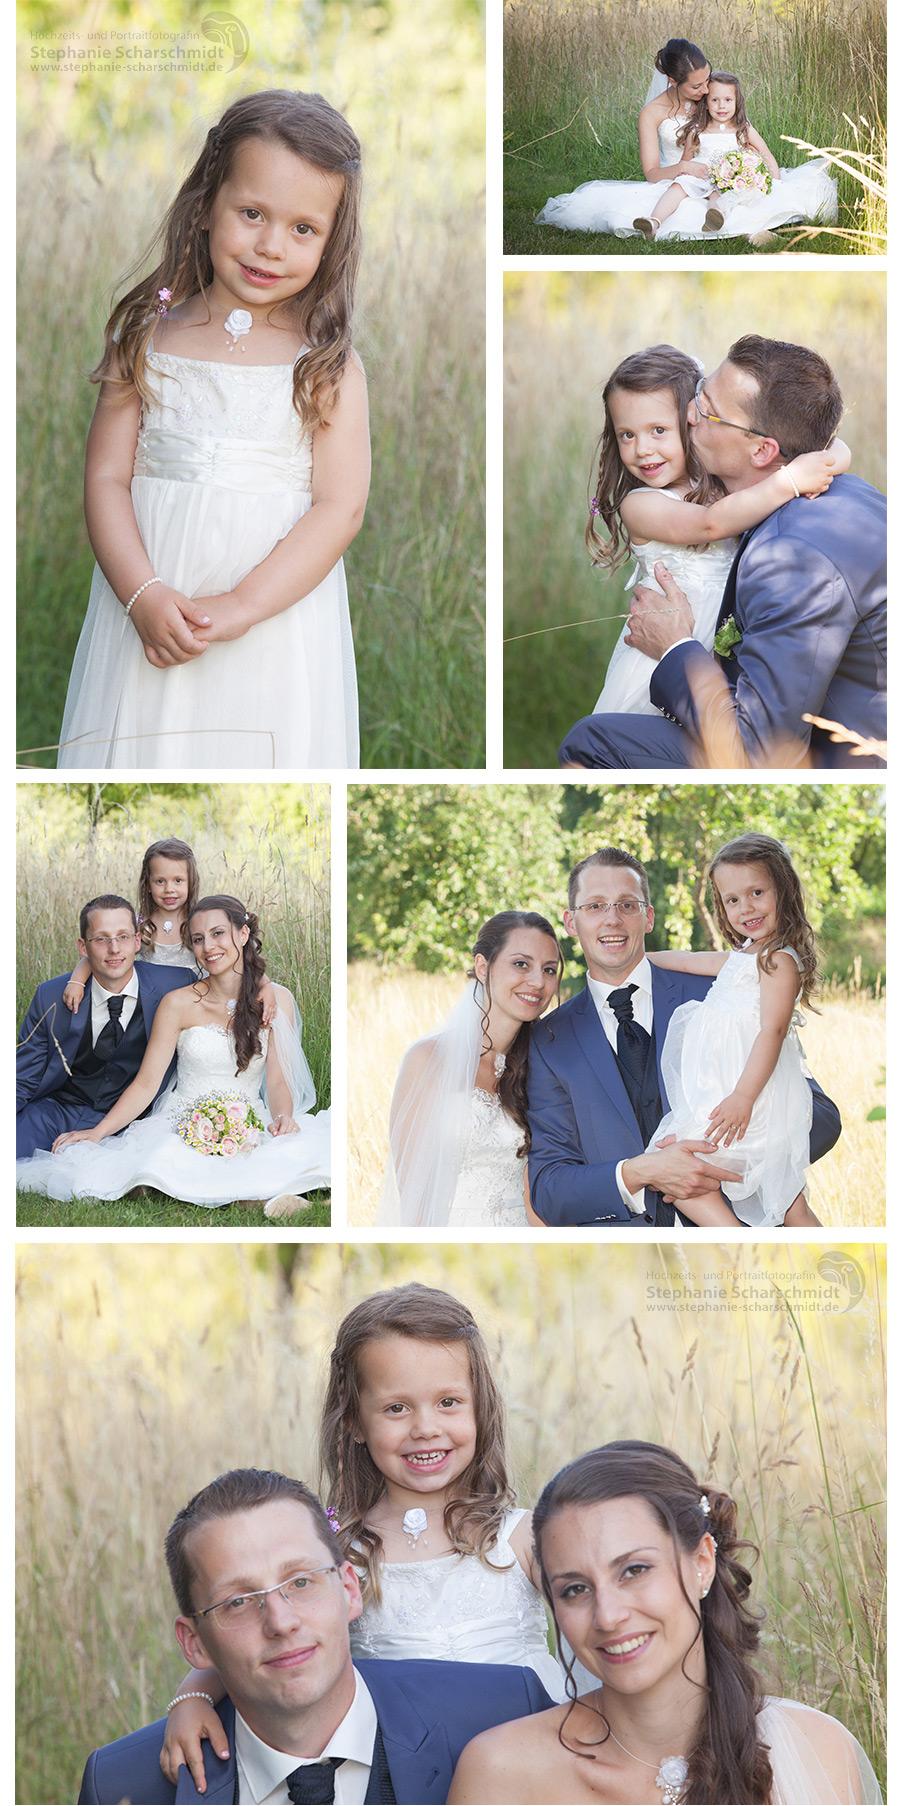 Hochzeitsfotograf im Vogtland – Hochzeitsfotos mit Kind im Vogtland - Hochzeitsfotograf im Vogtland Hochzeits- und Portraitfotografin Stephanie Scharschmidt